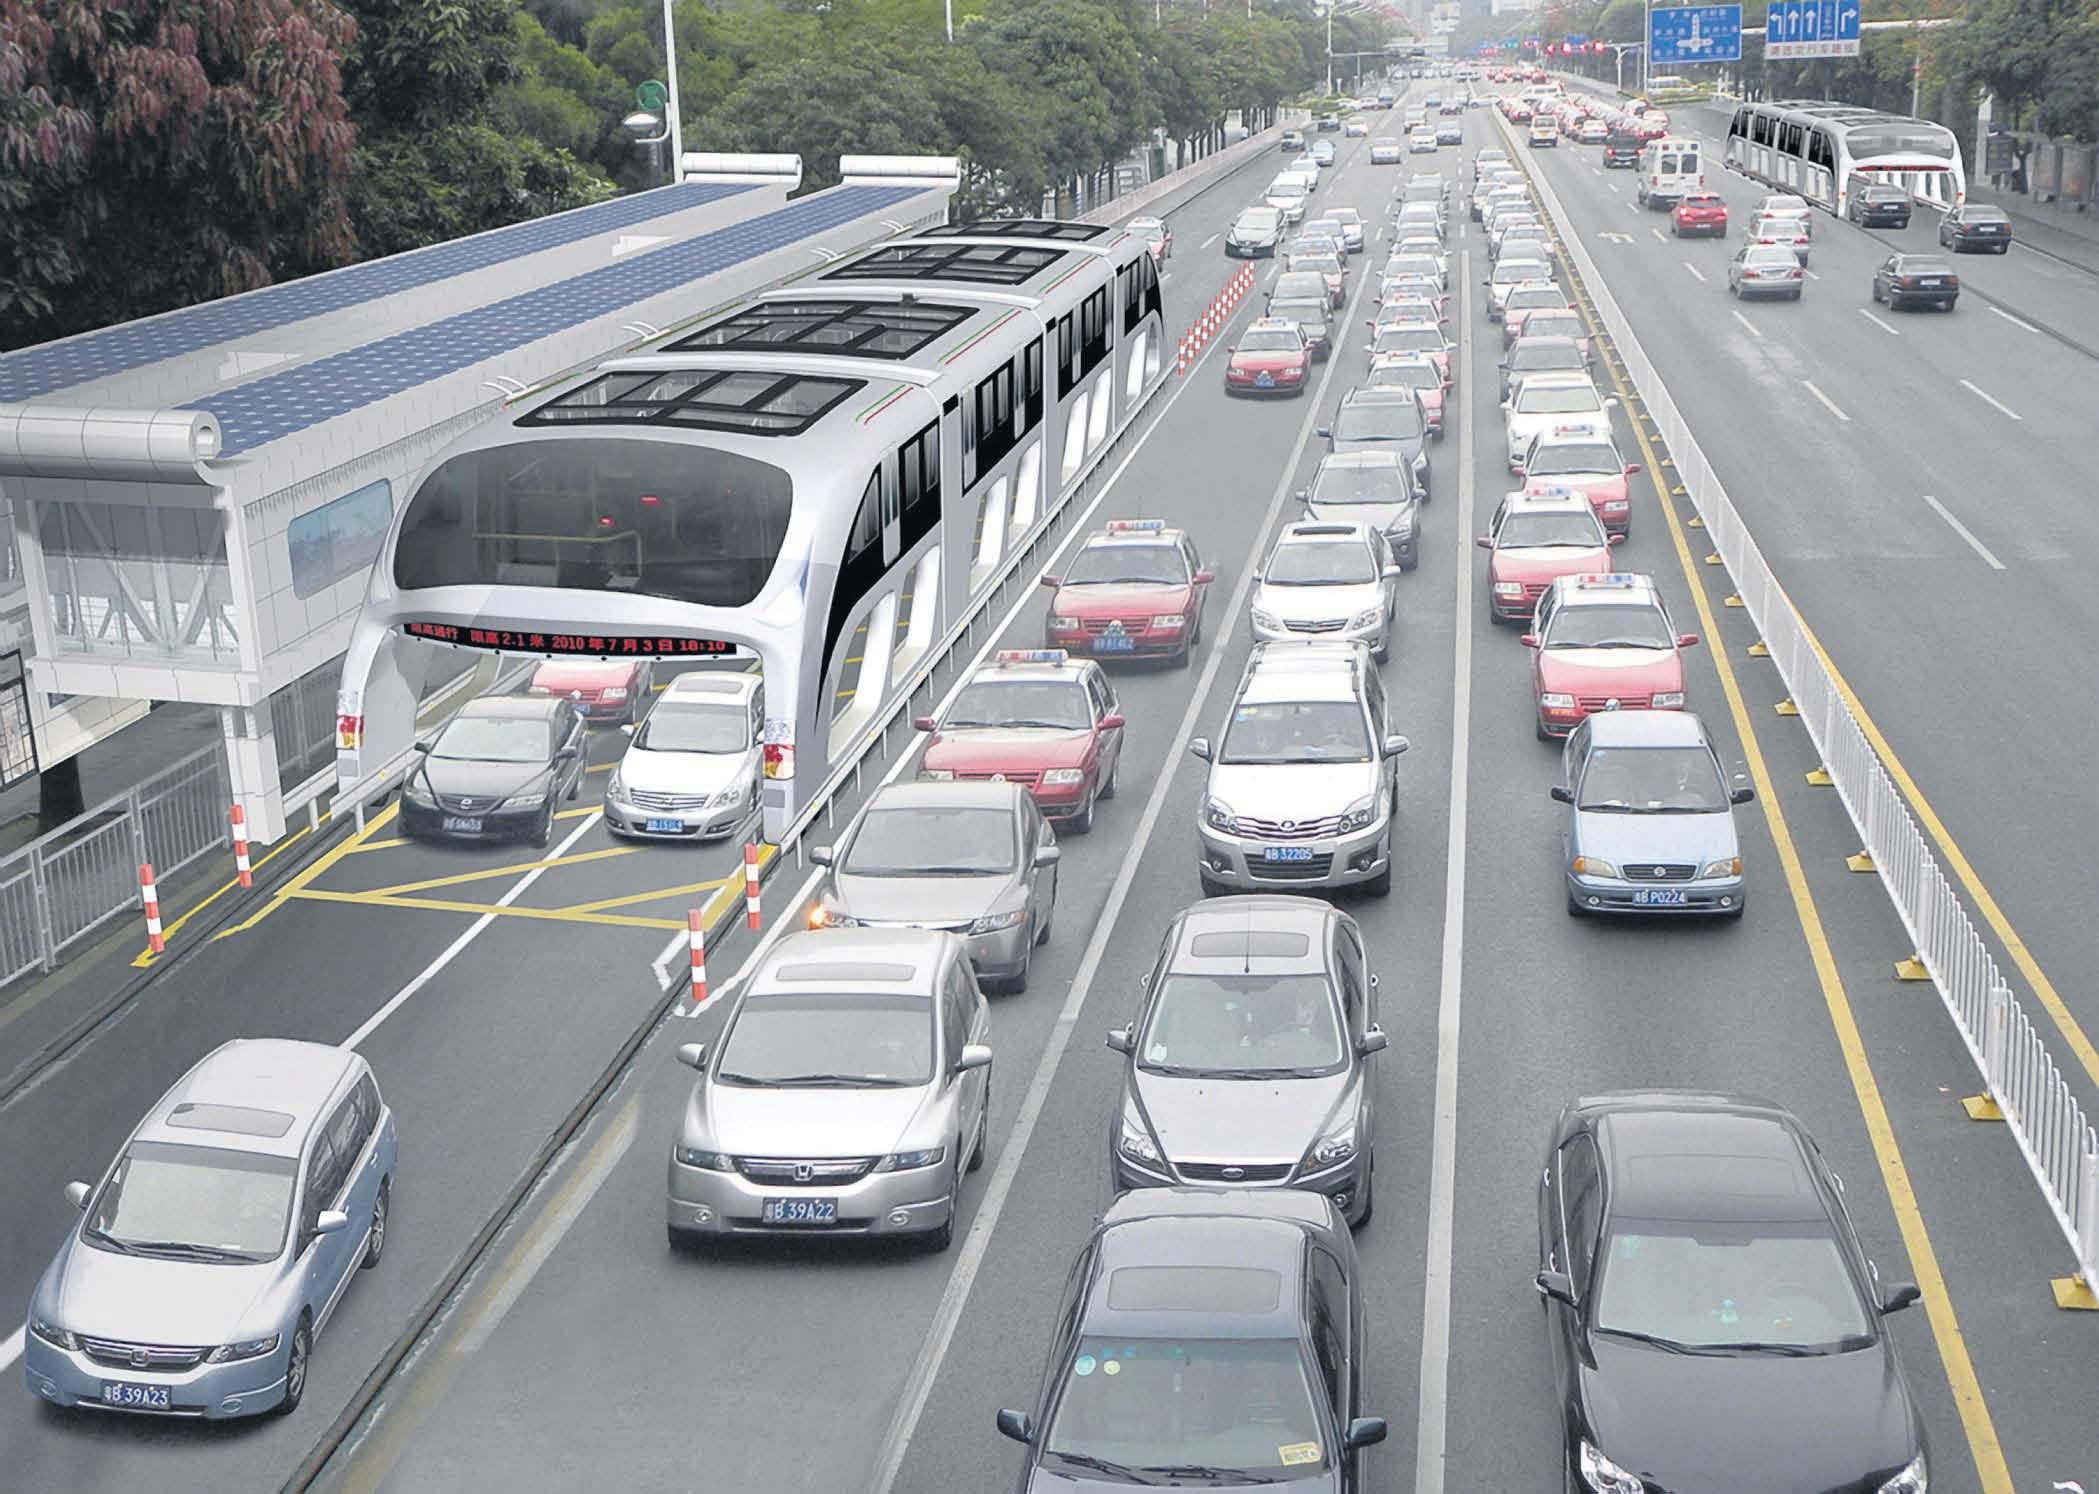 В Китае изобрели автобус, который передвигается над автомобилями 1